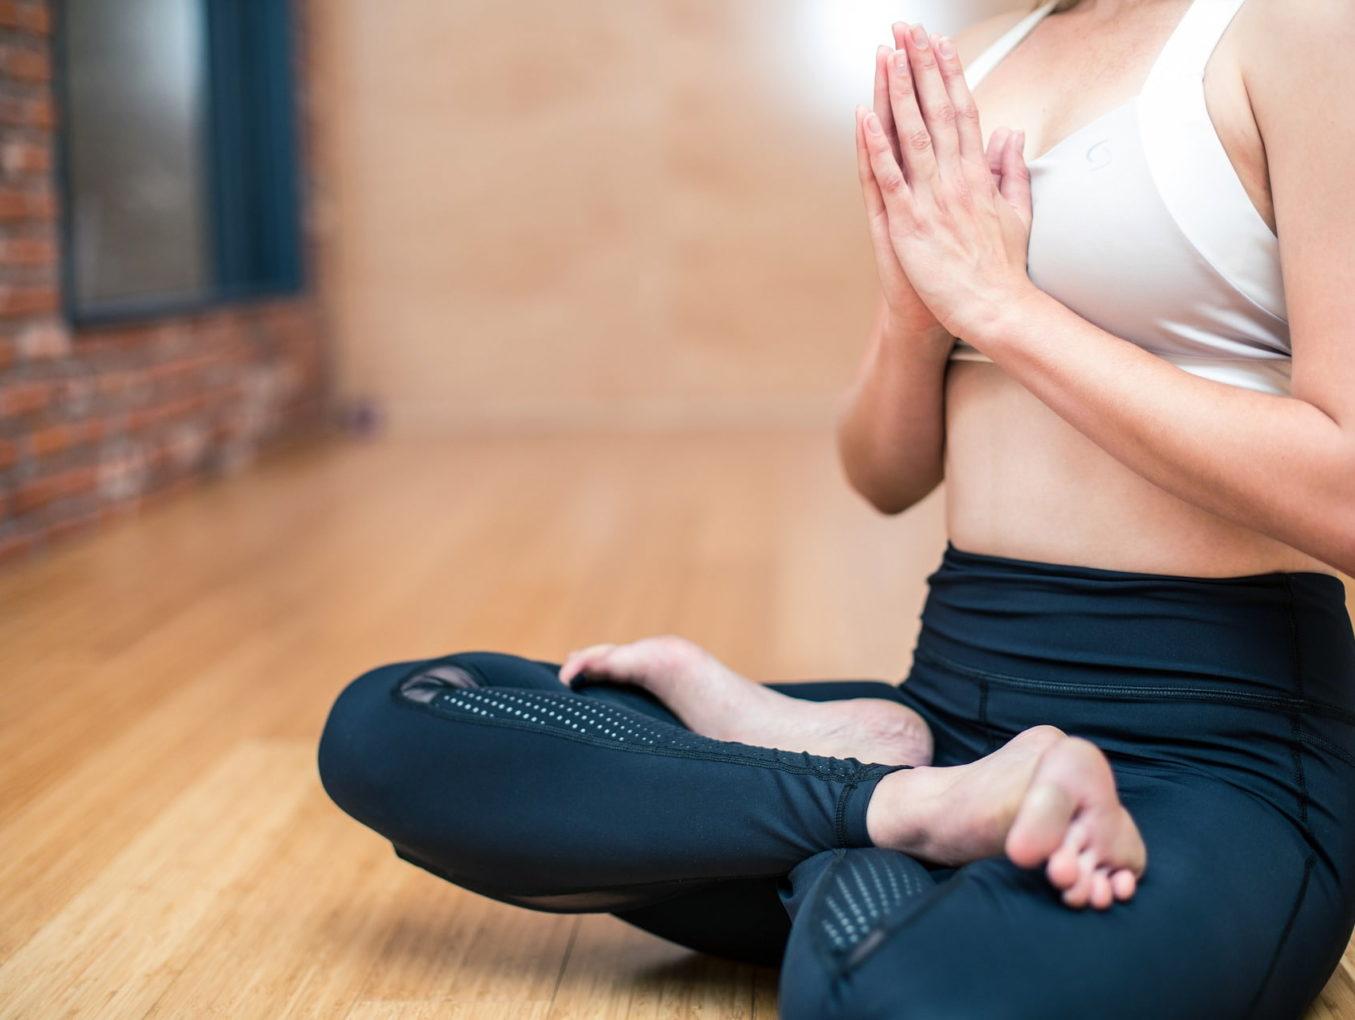 L'exercice physique recommandé au quotidien